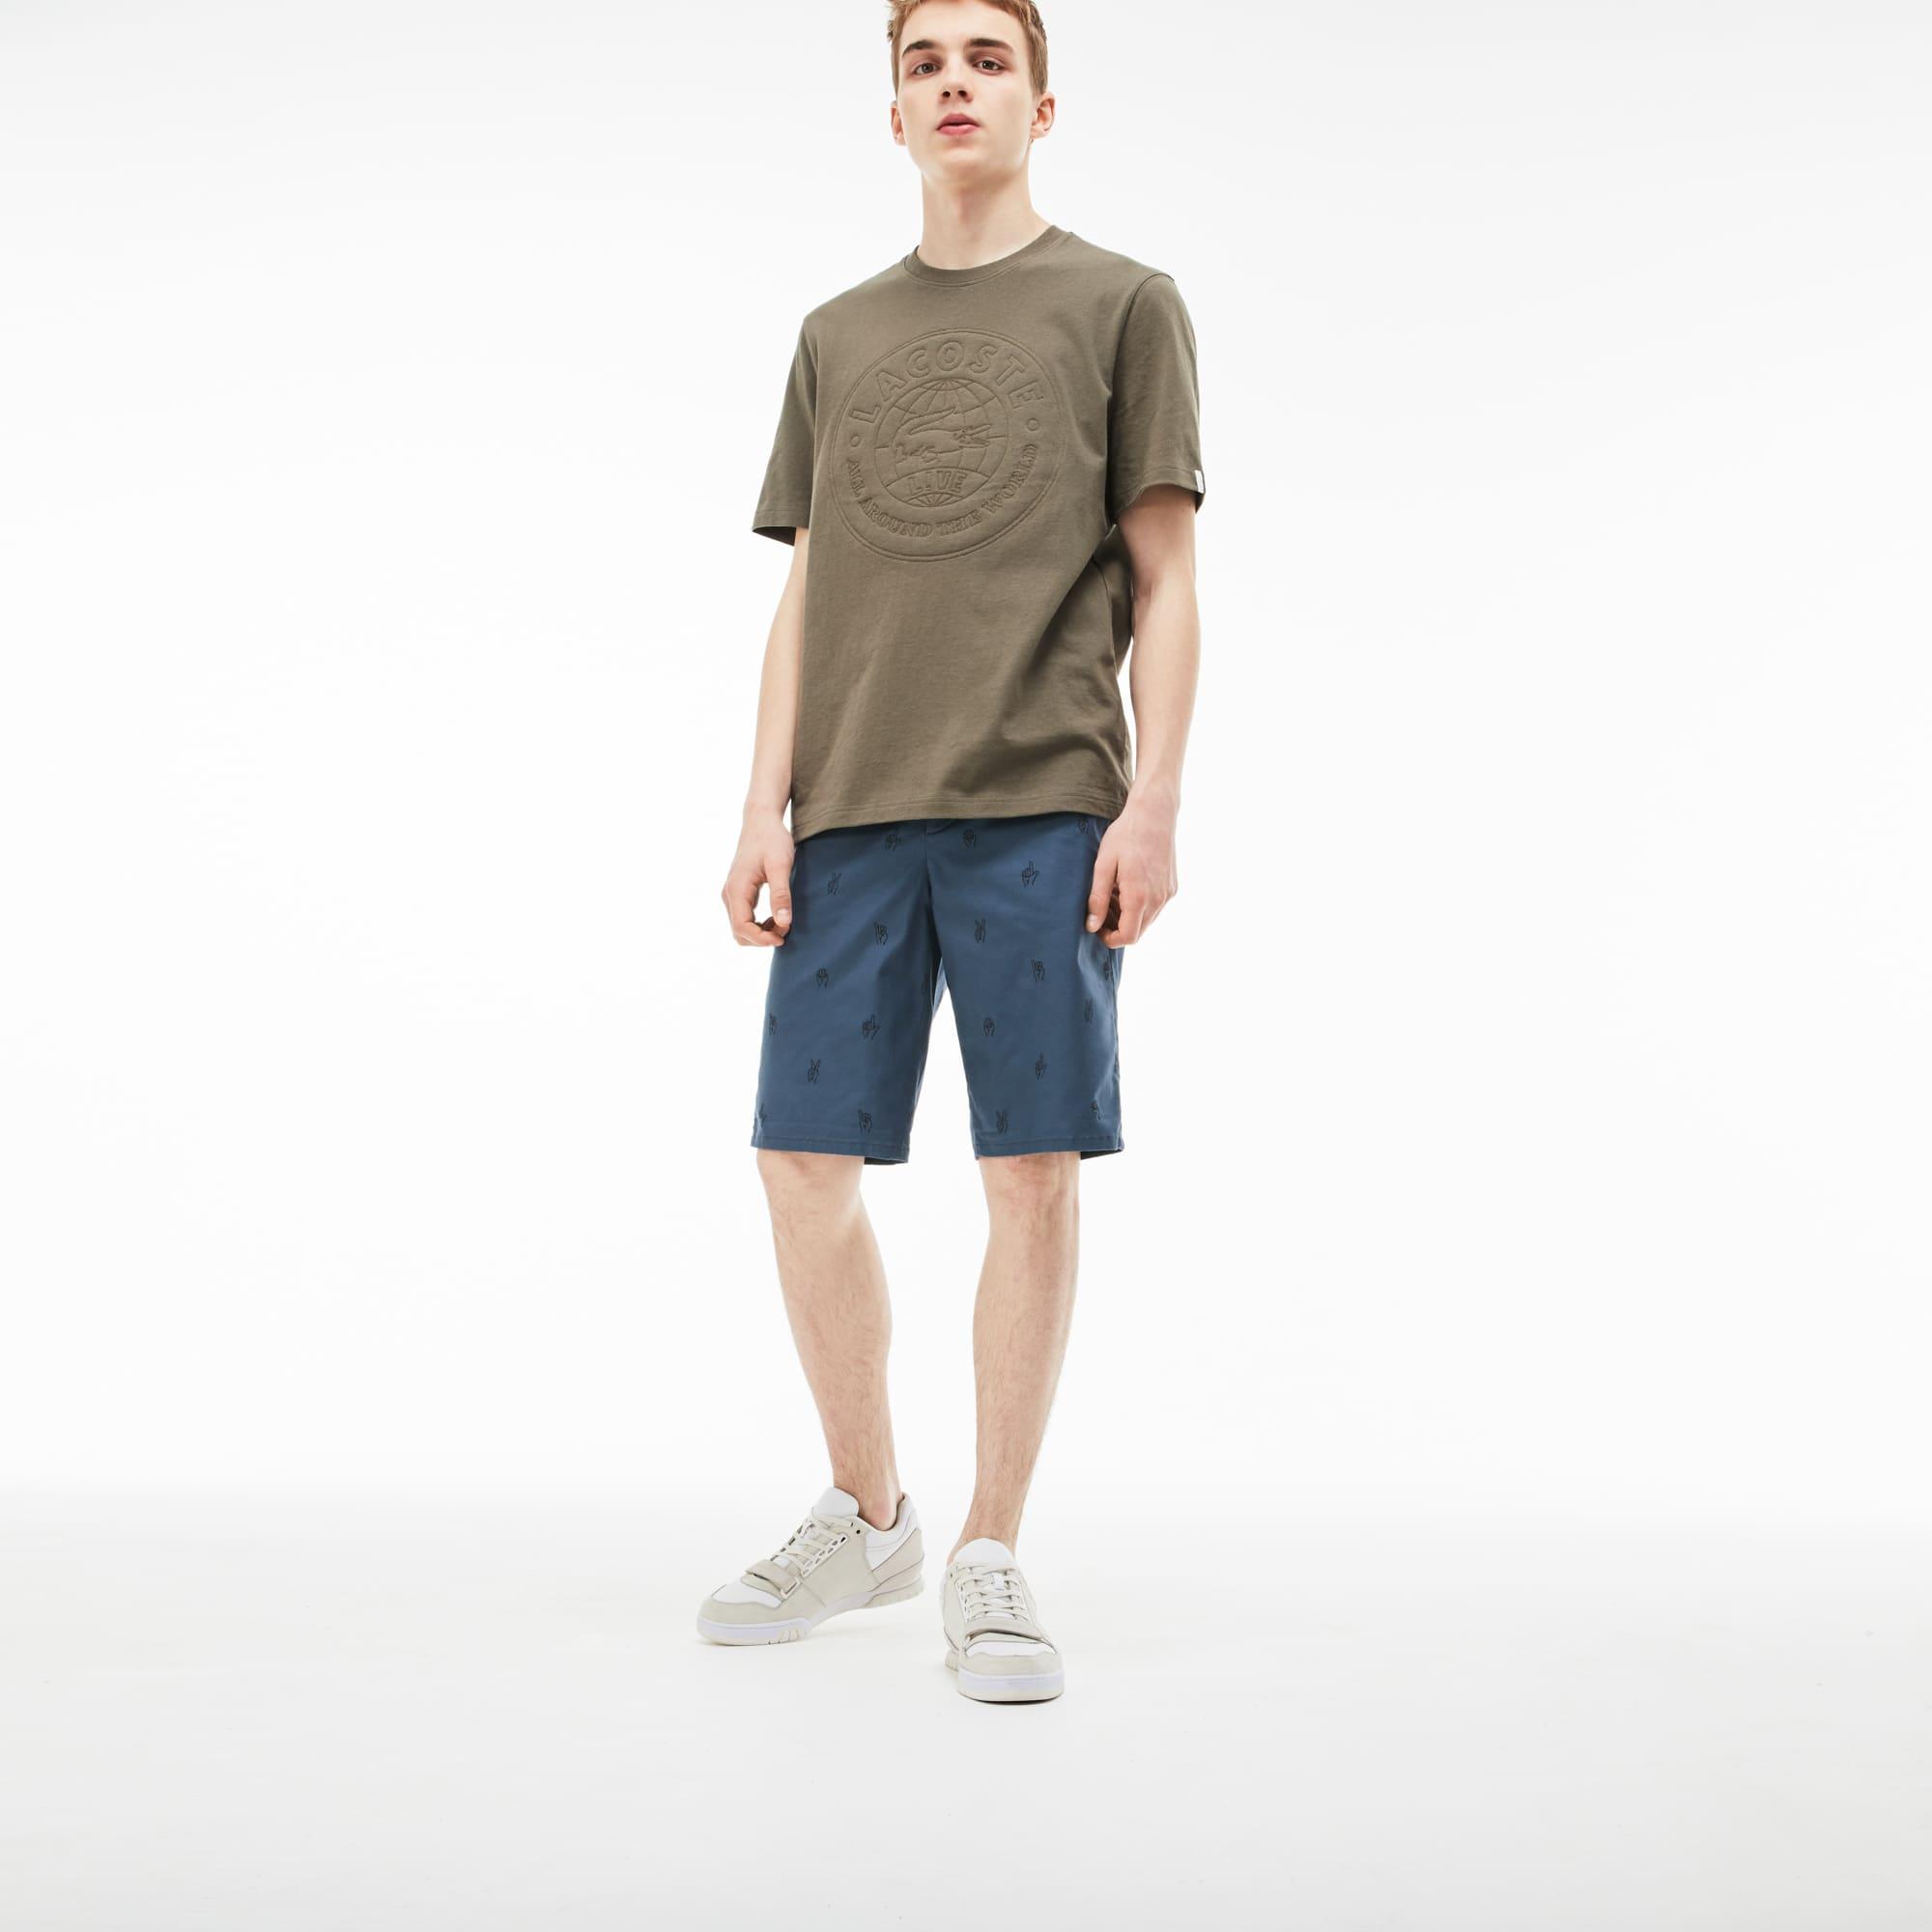 Men's LIVE Mini Embroidery Stretch Cotton Twill Bermuda Shorts